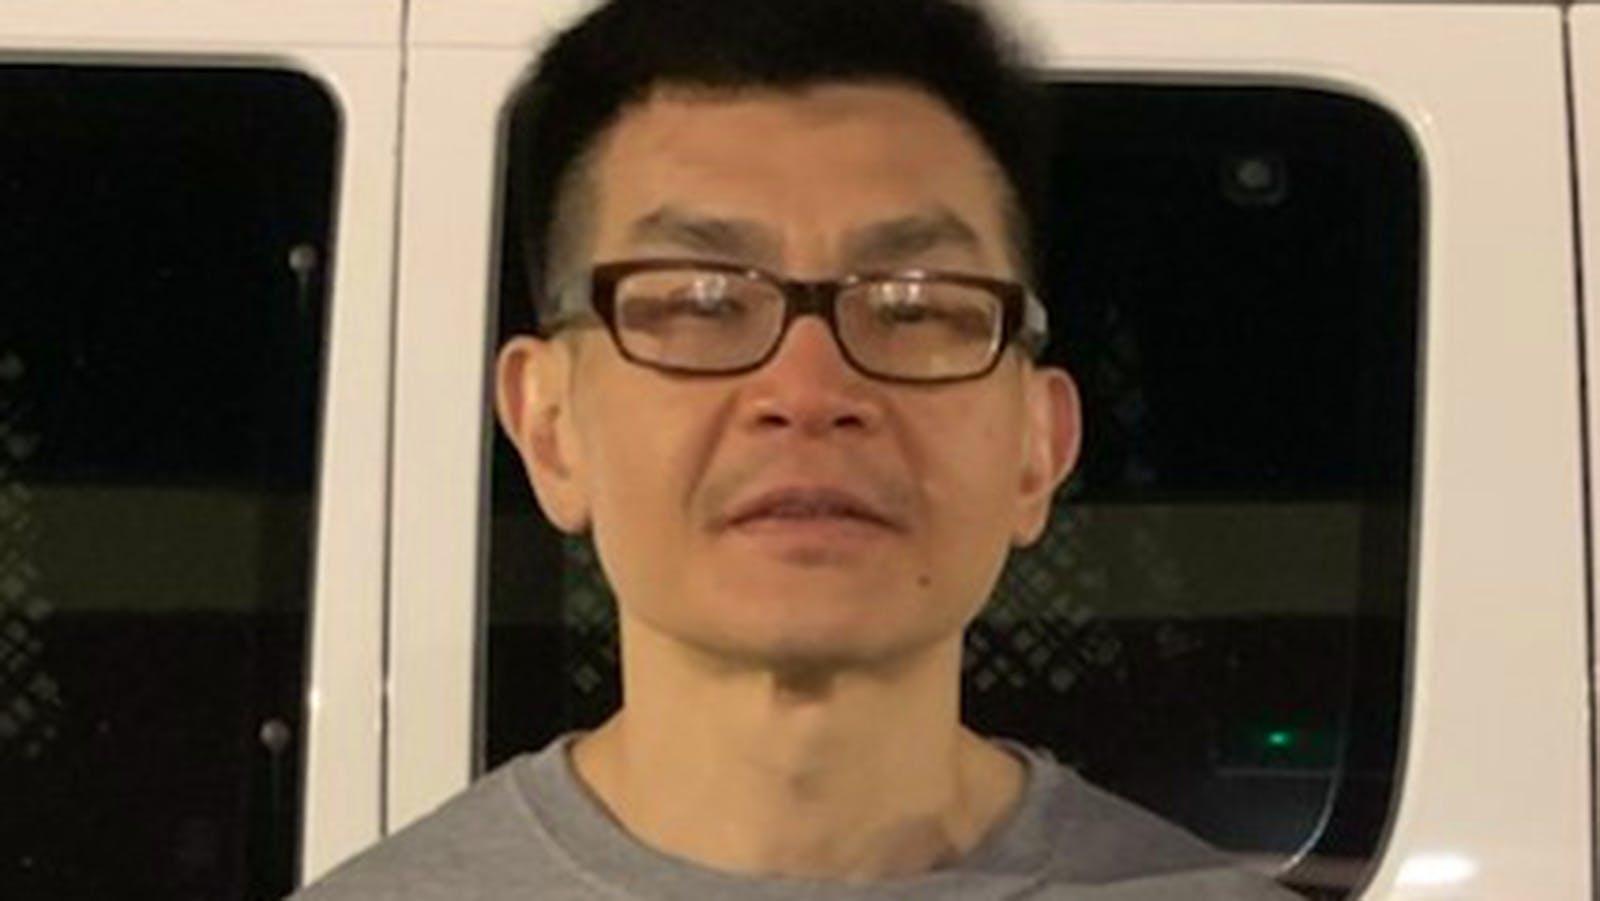 U.S. Authorities Deport Wine Counterfeiter Rudy Kurniawan